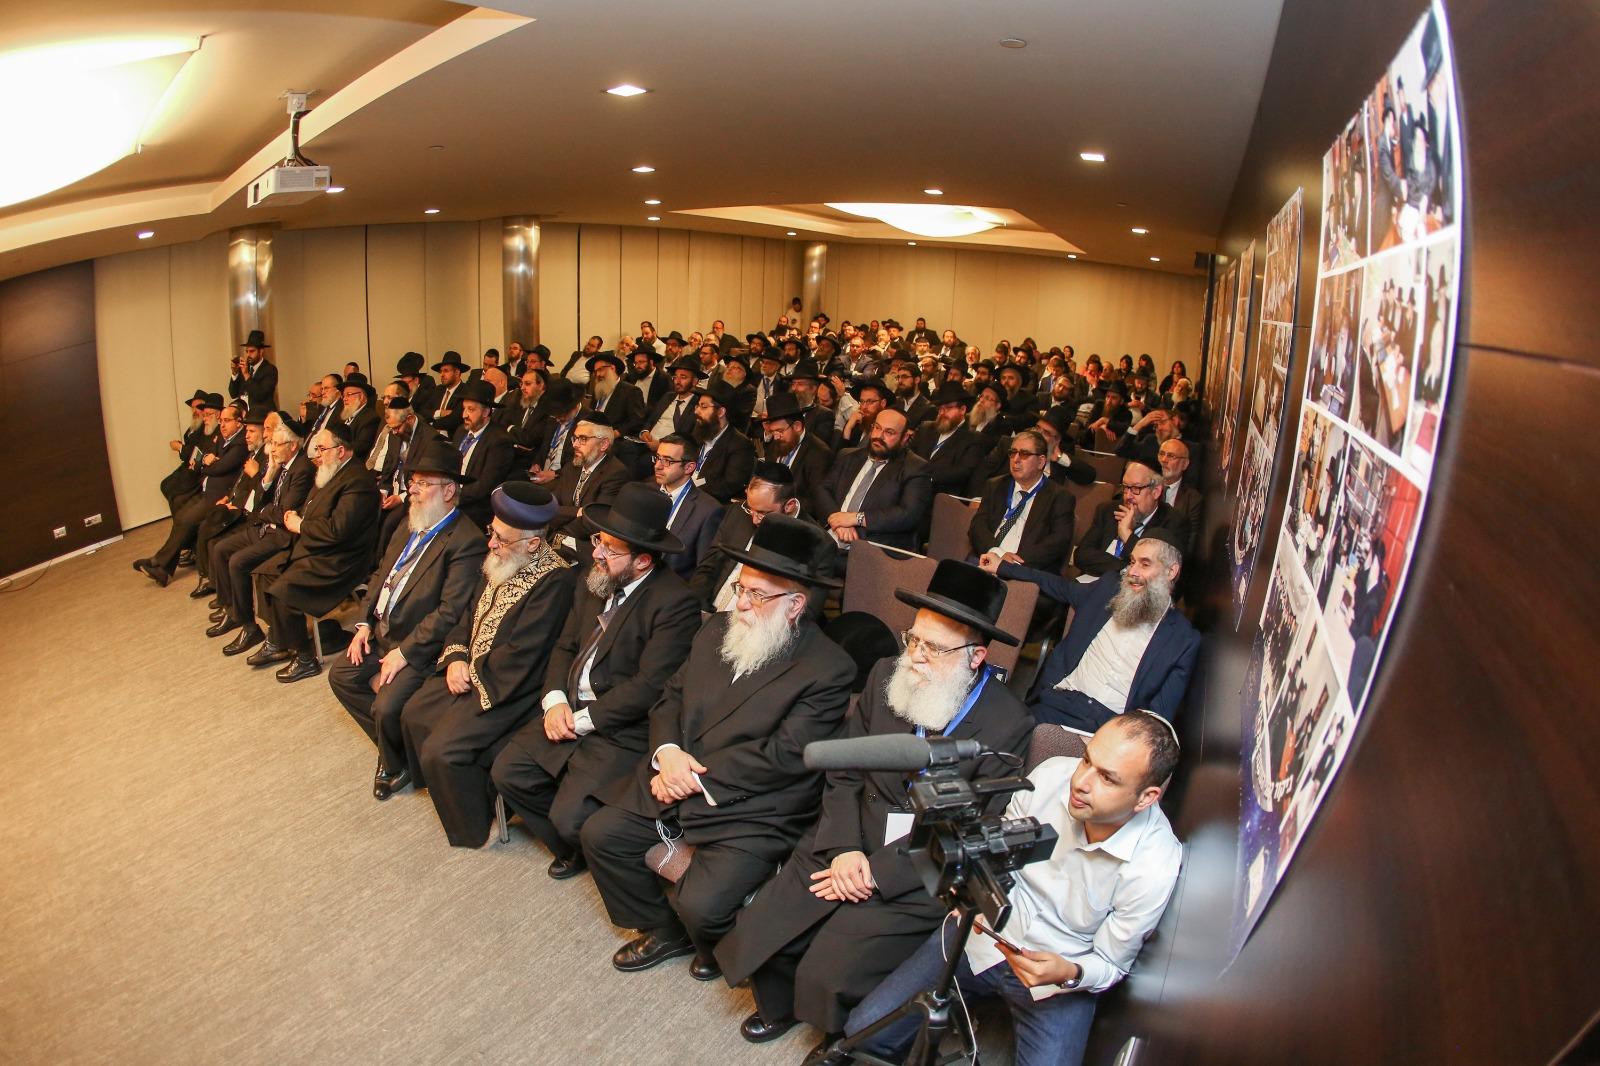 הרבנים בכנס הפתיחה. צילום: איציק בלניצקי